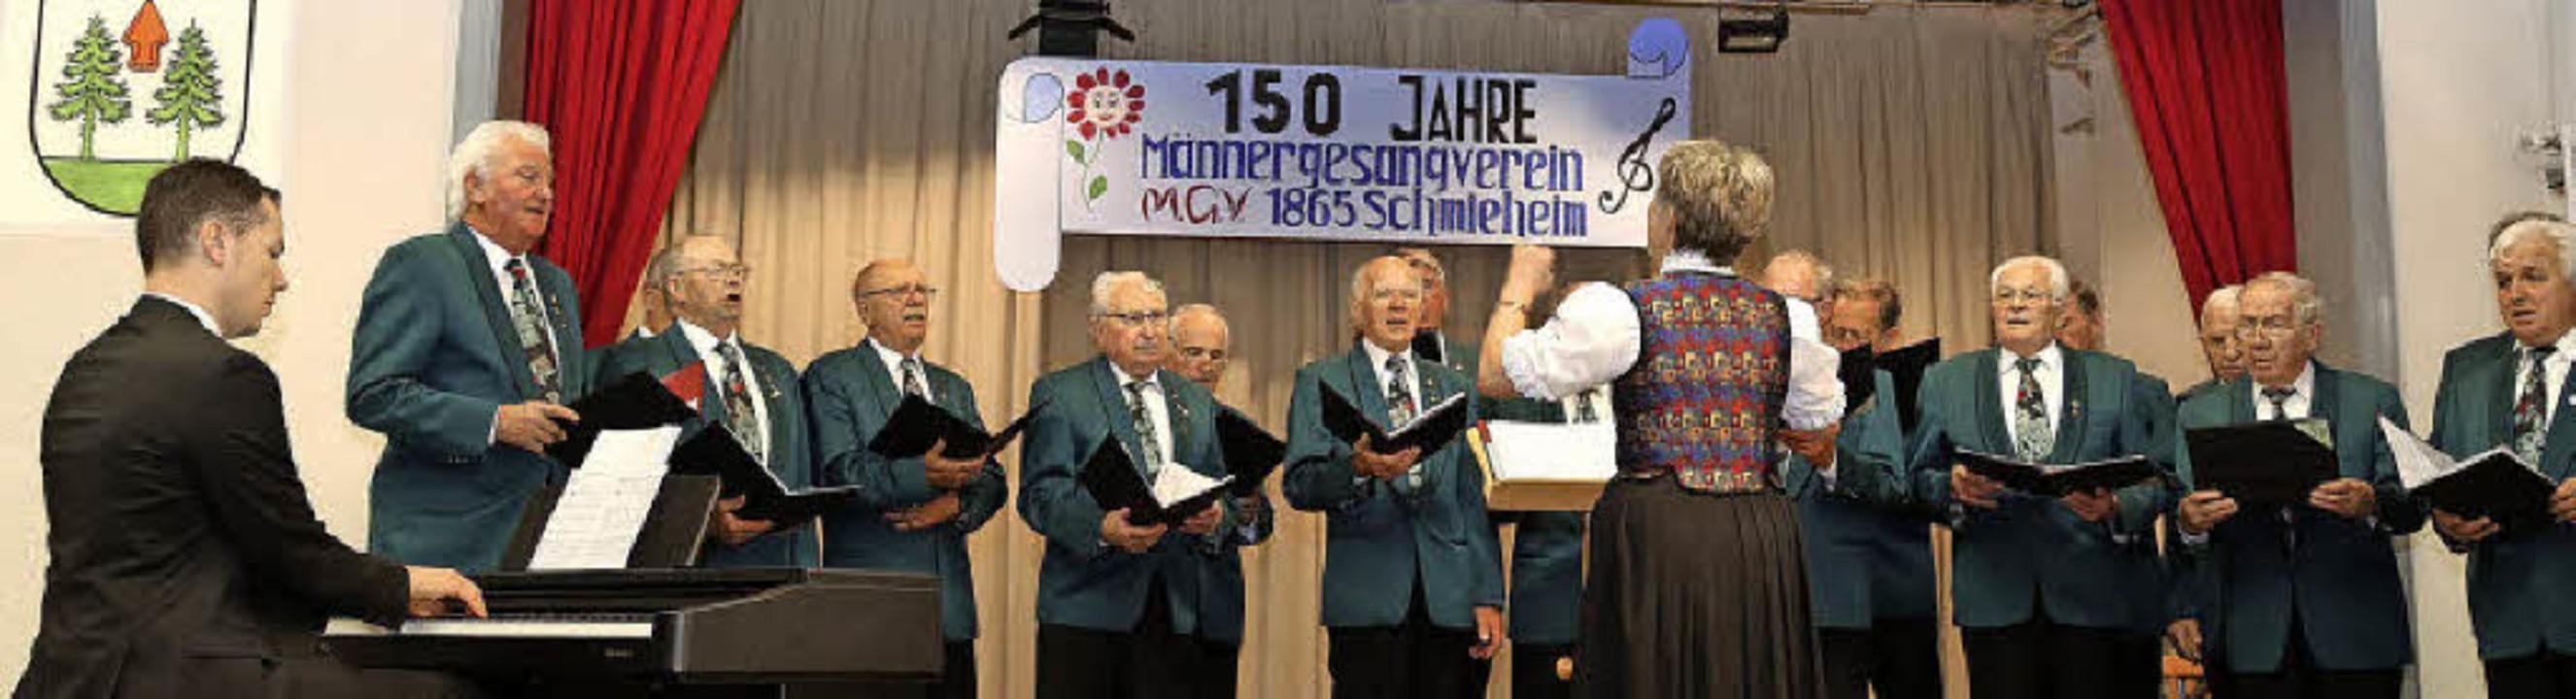 Der Männergesangverein Schmieheim hat ...ich Geburtstag und Abschied gefeiert.   | Foto: Sandra Decoux-Kone